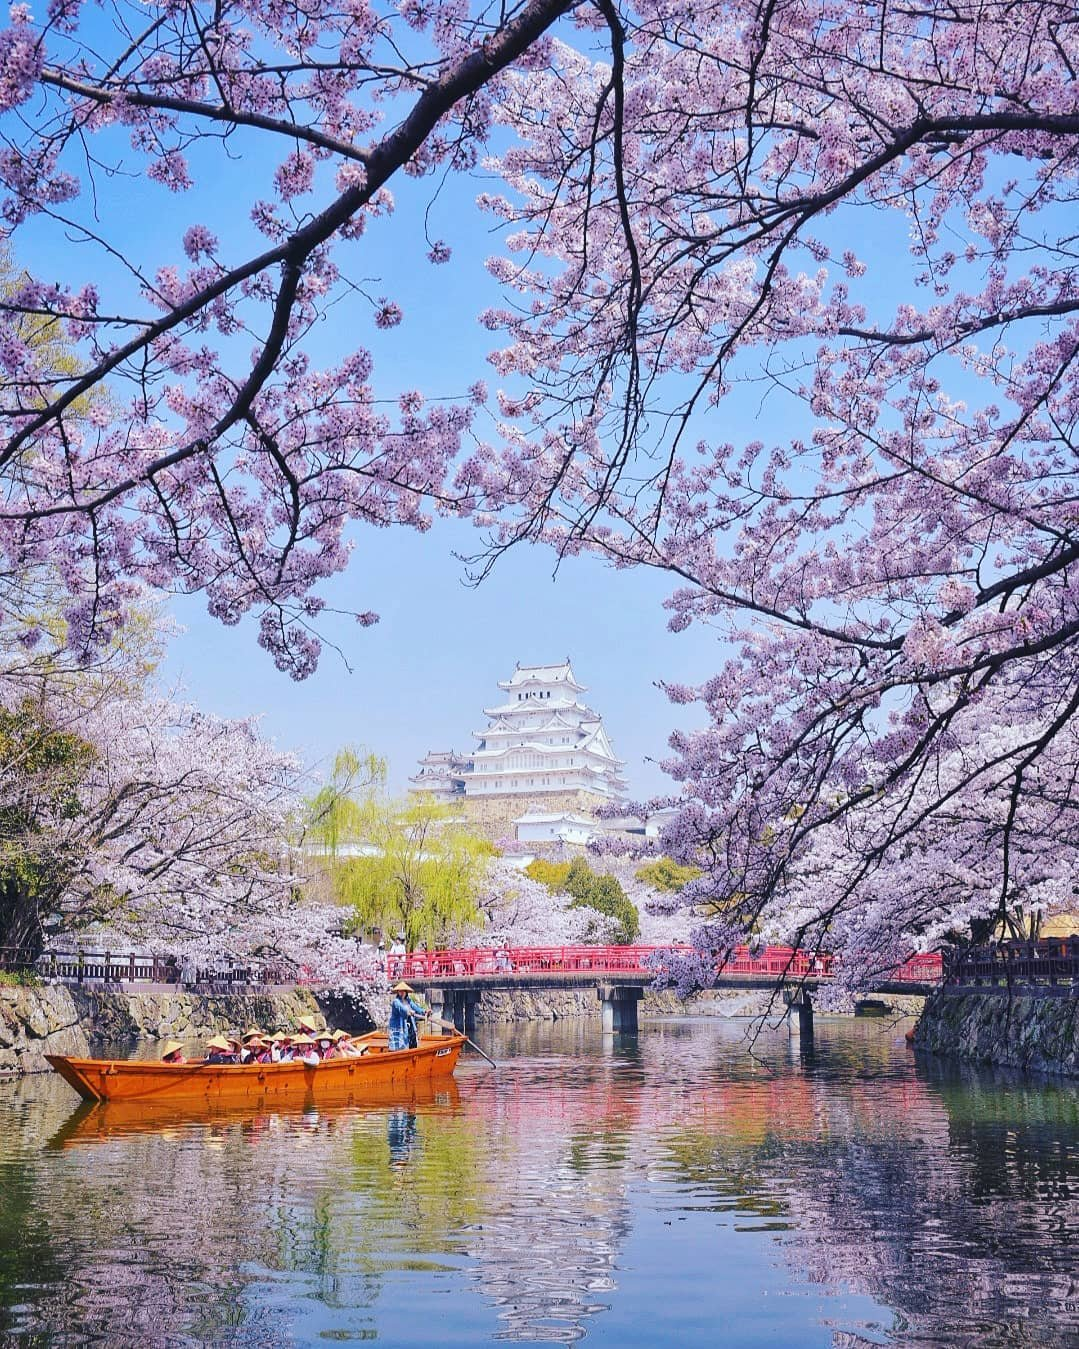 образом, после картинки весны в японии речной или морской